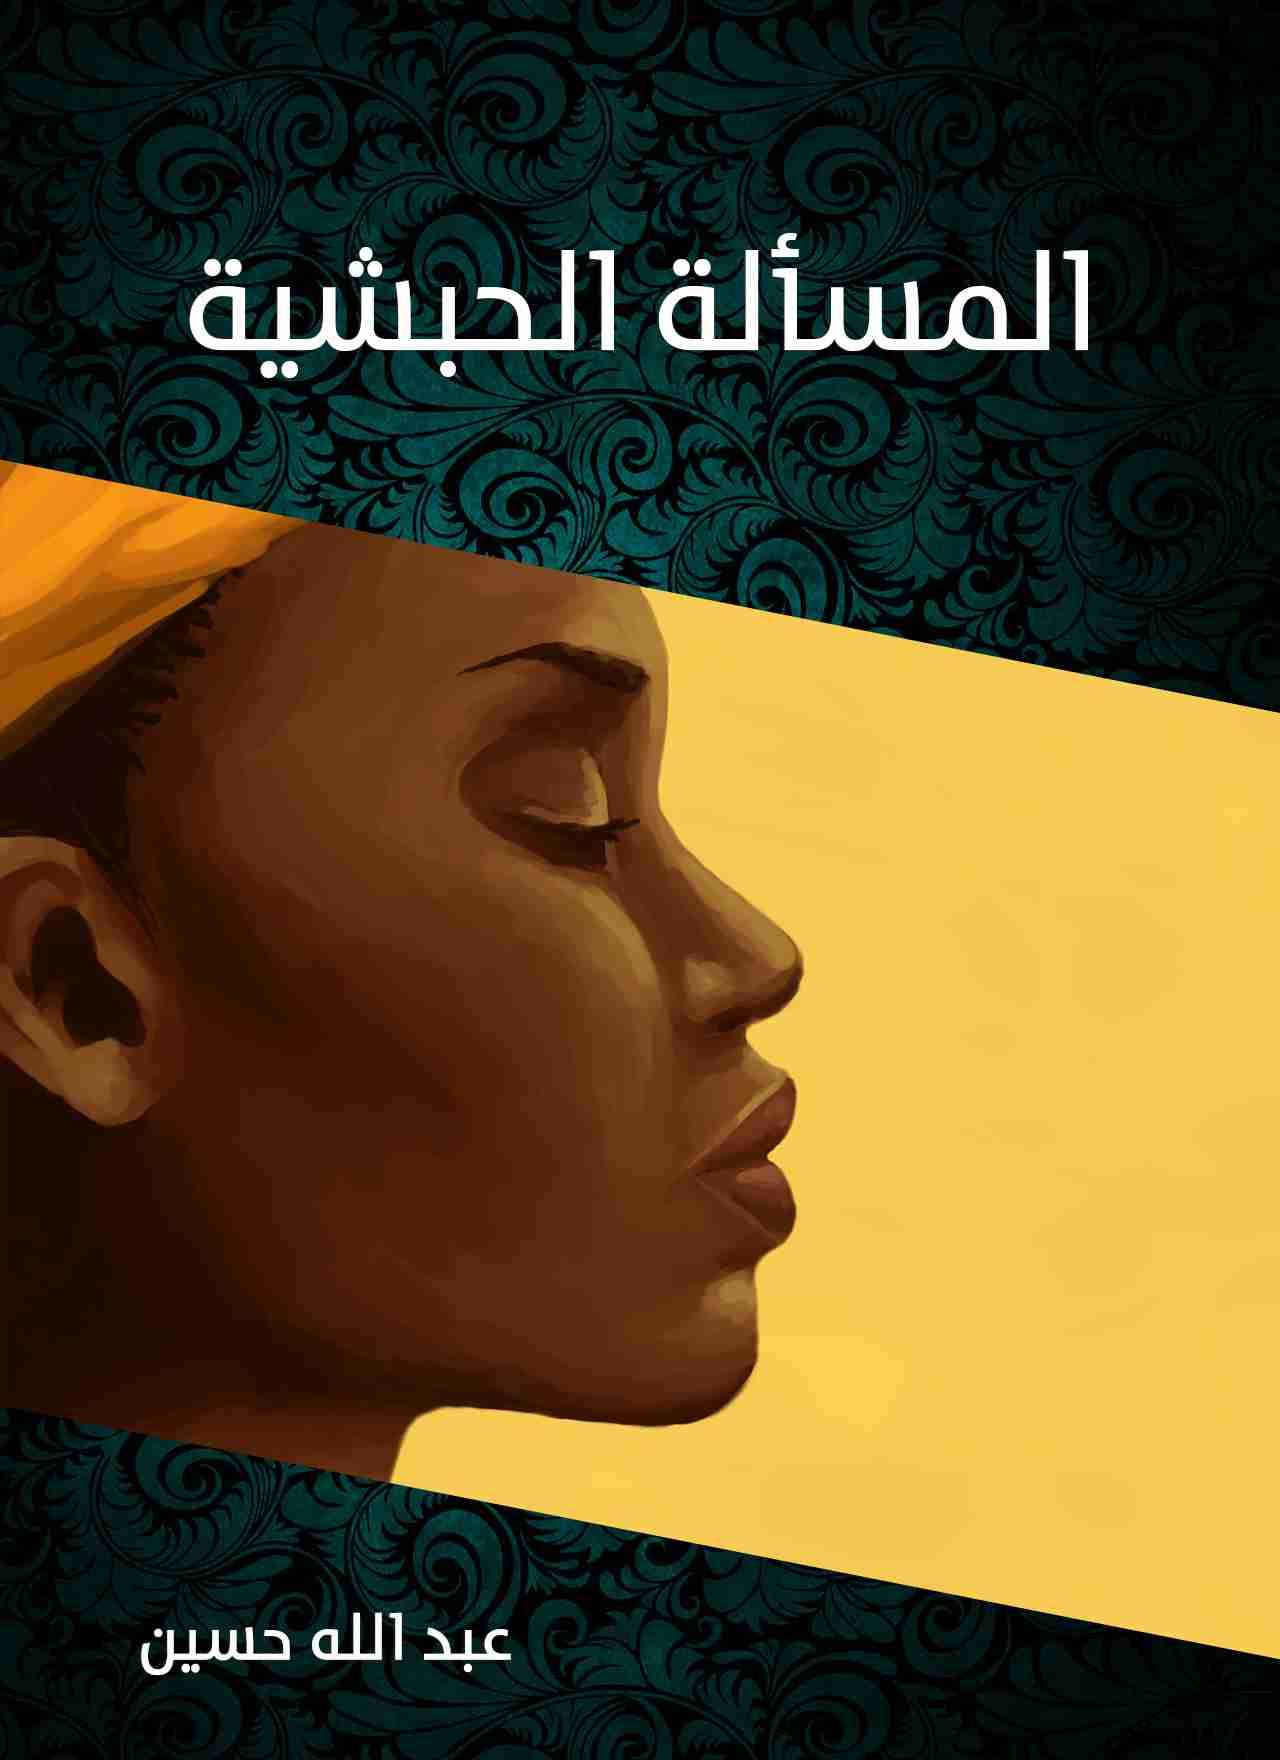 كتاب المسألة الحبشية لـ عبدالله حسين